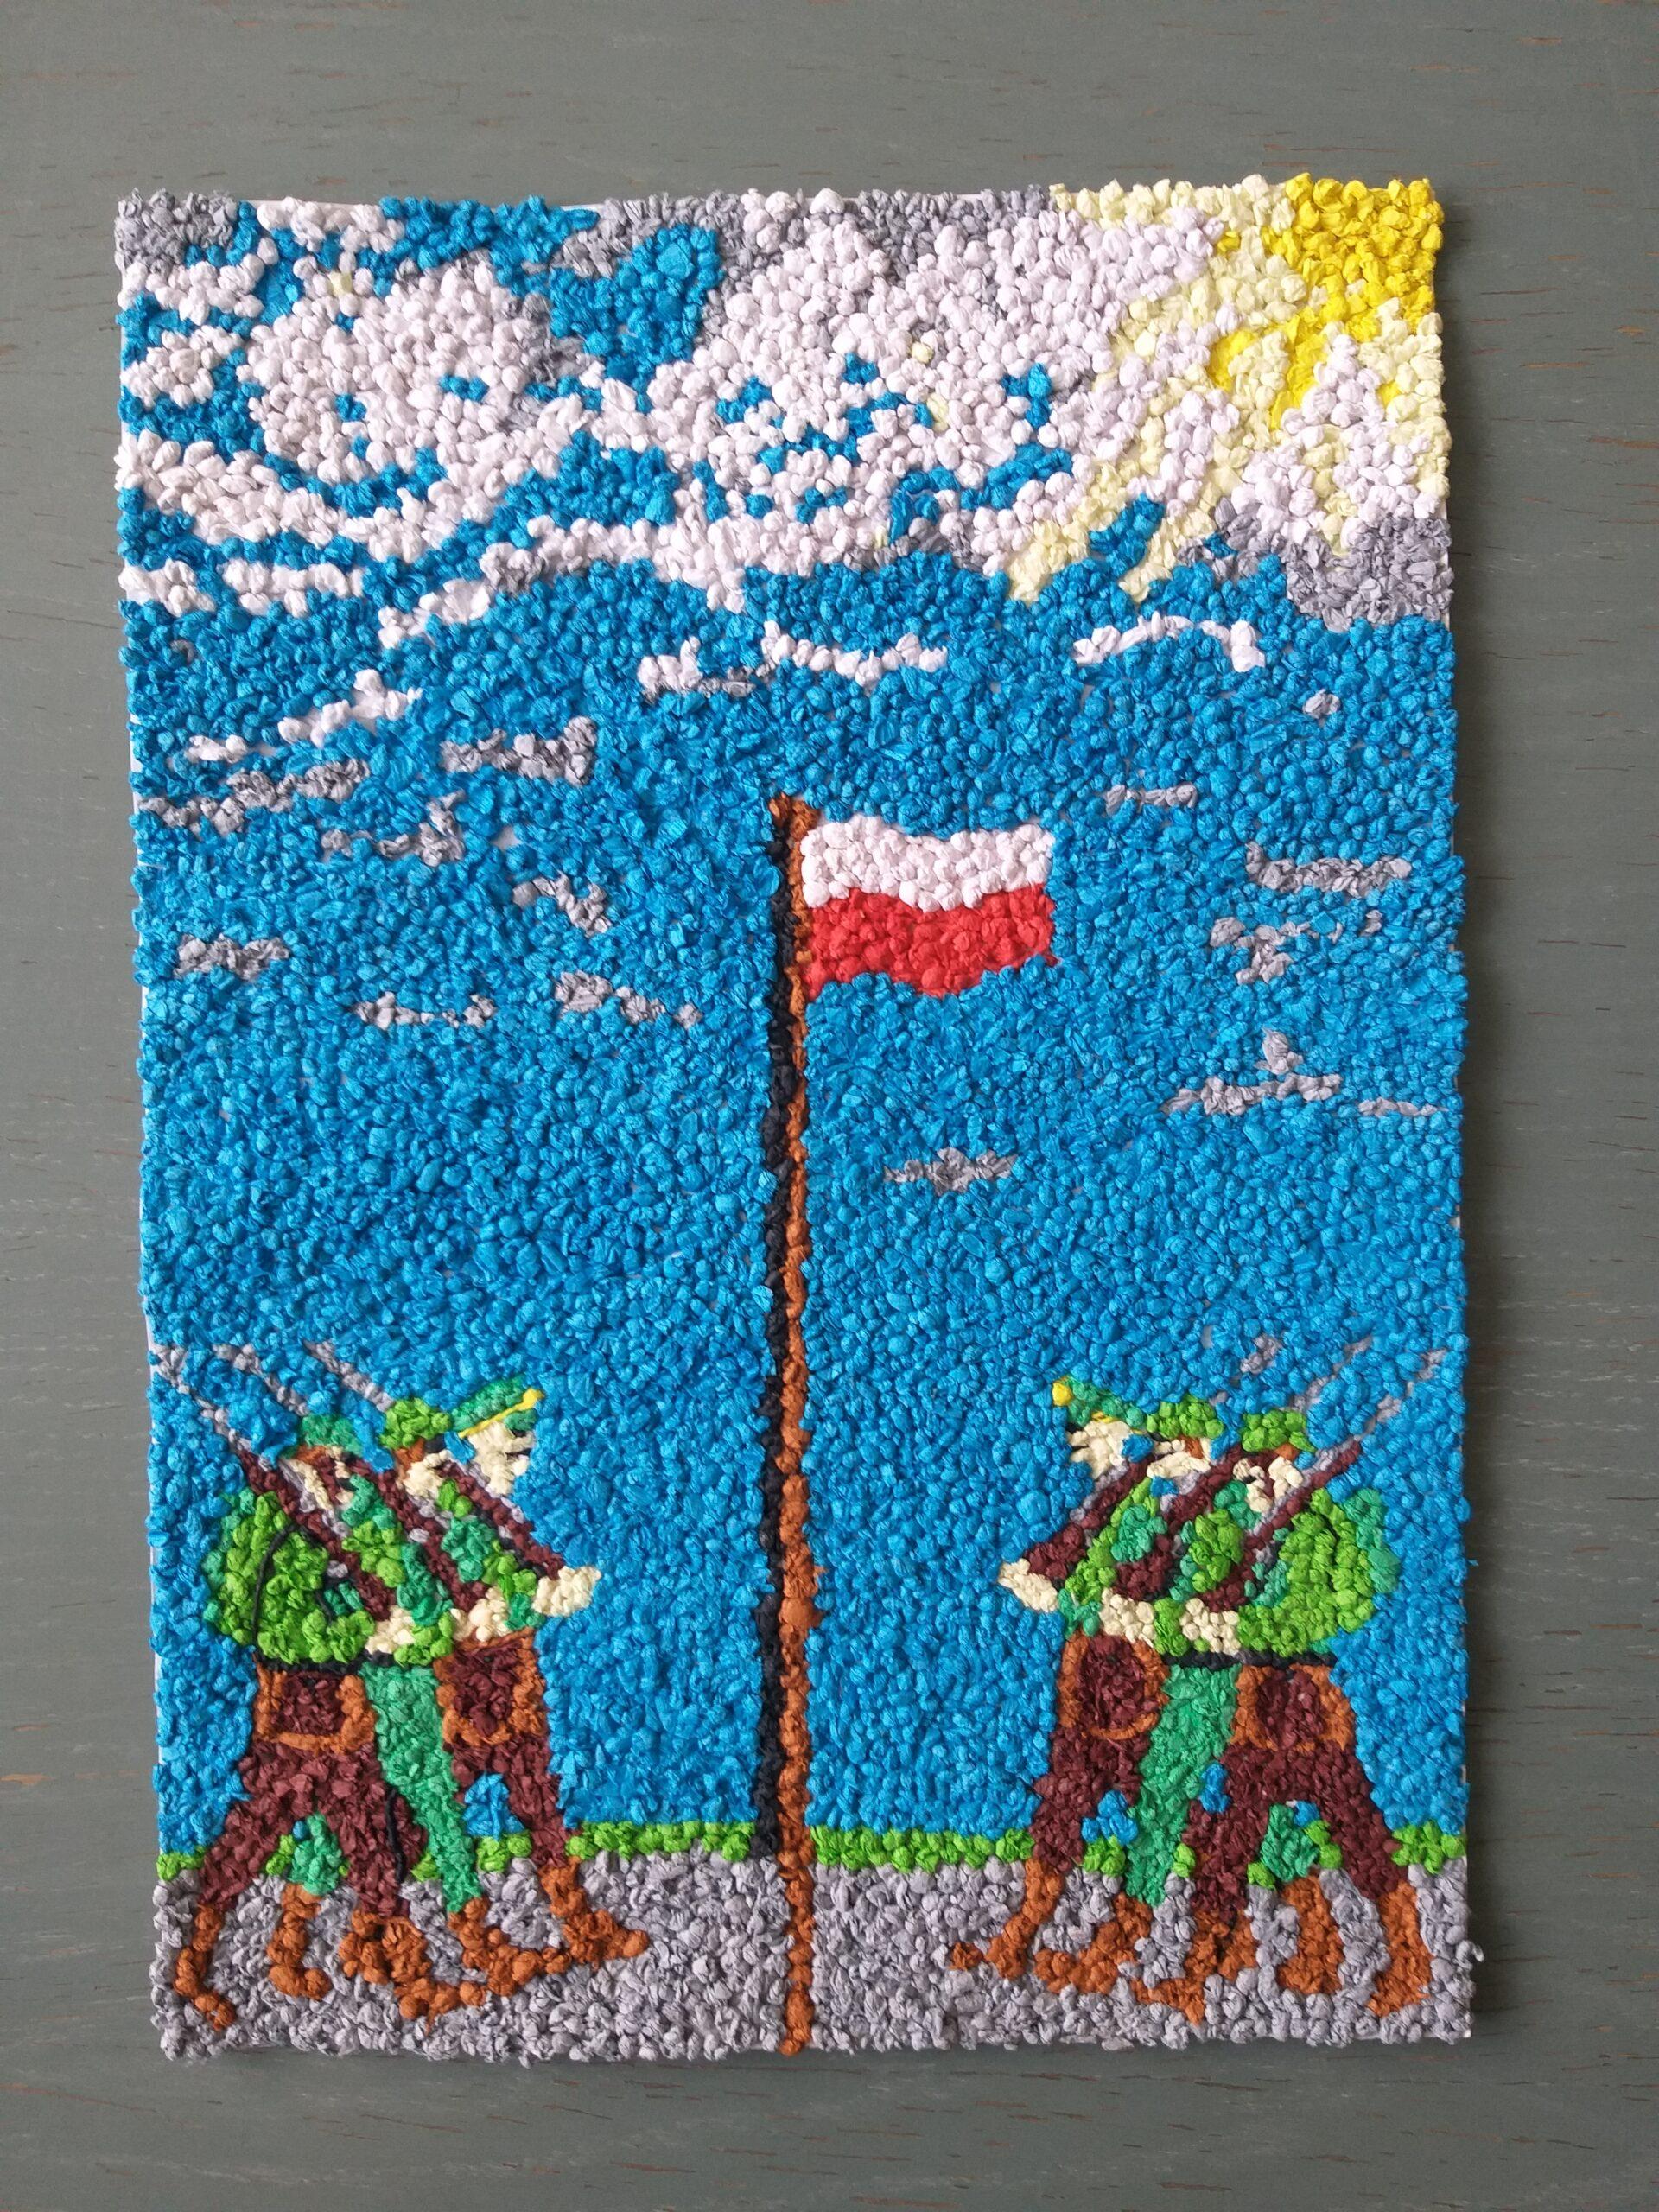 zolnierze pod flagą, praca wykonana z papierowych kuleczek